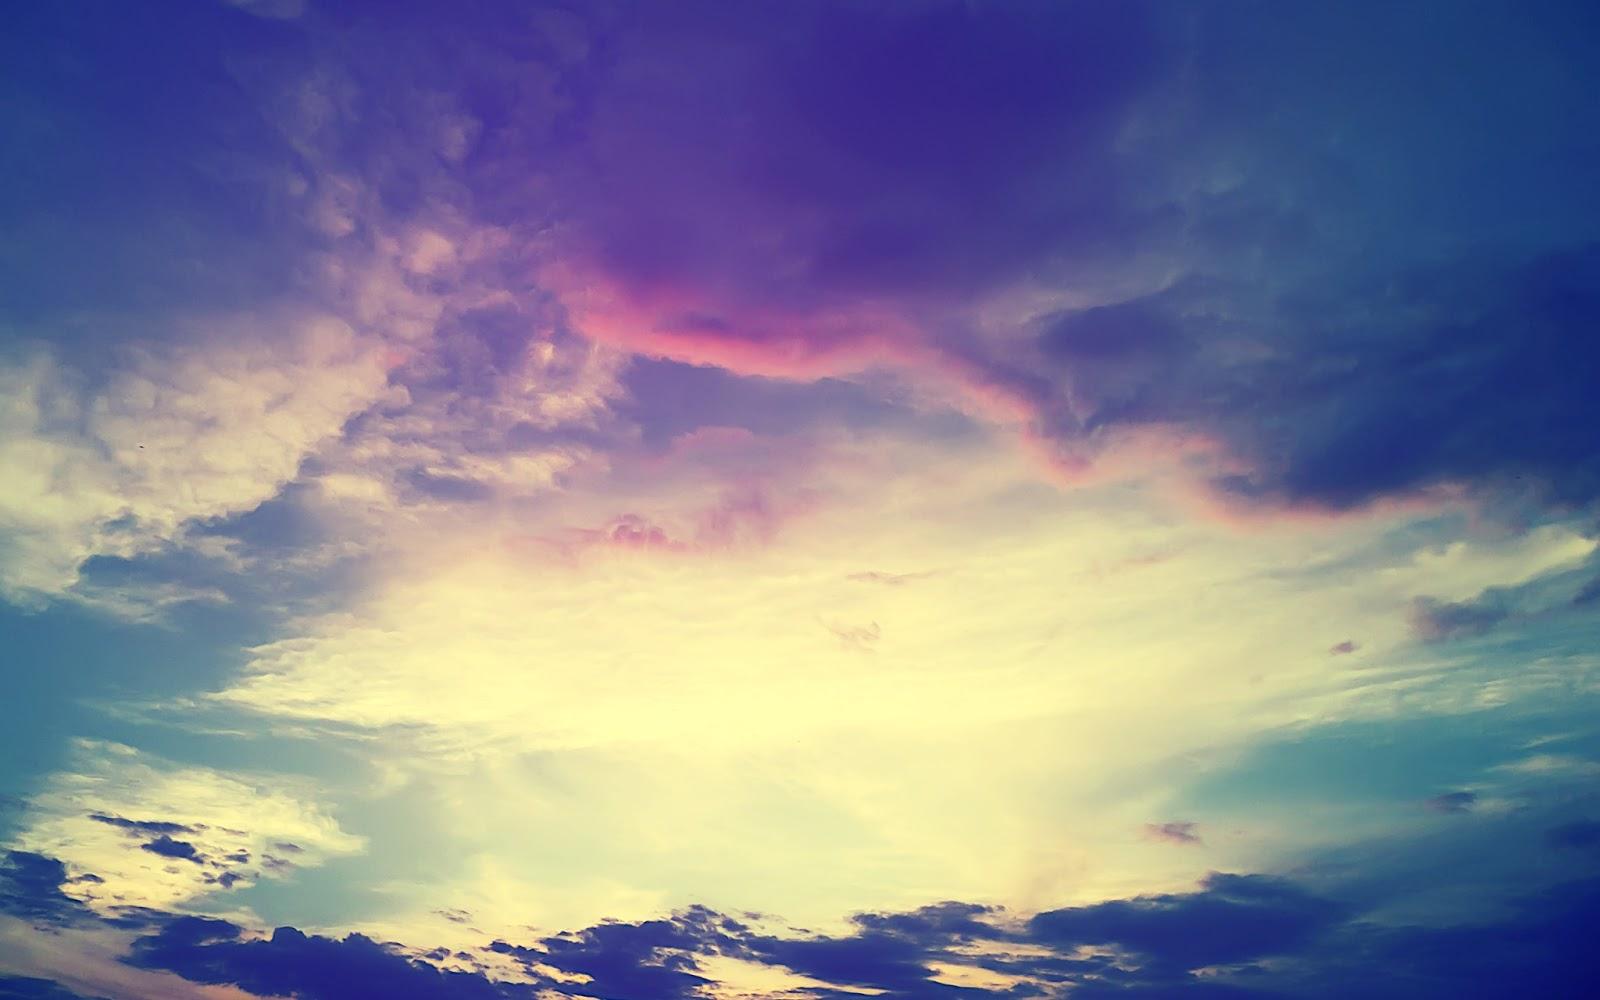 Imagenes hilandy fondo de pantalla paisaje cielo nublado for Fondo de pantalla chulo